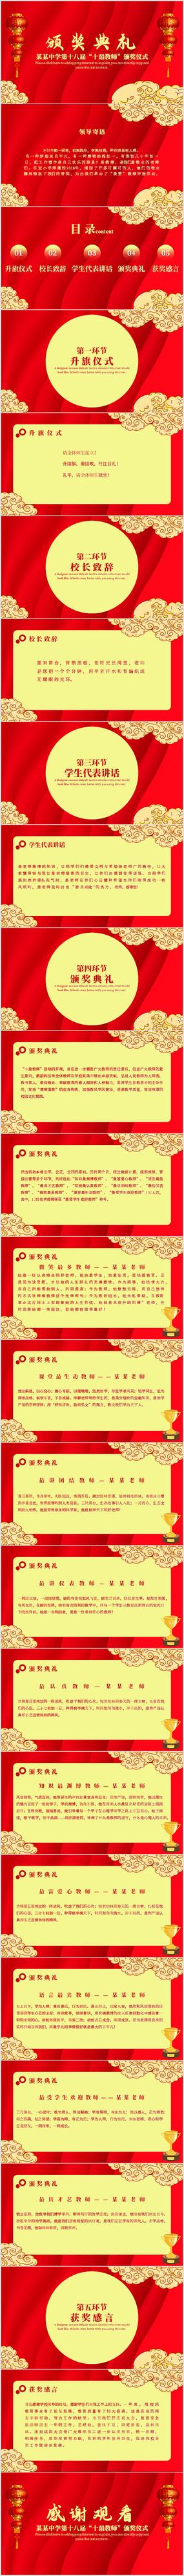 红色大气教师节颁奖盛典PPT模板 pptx